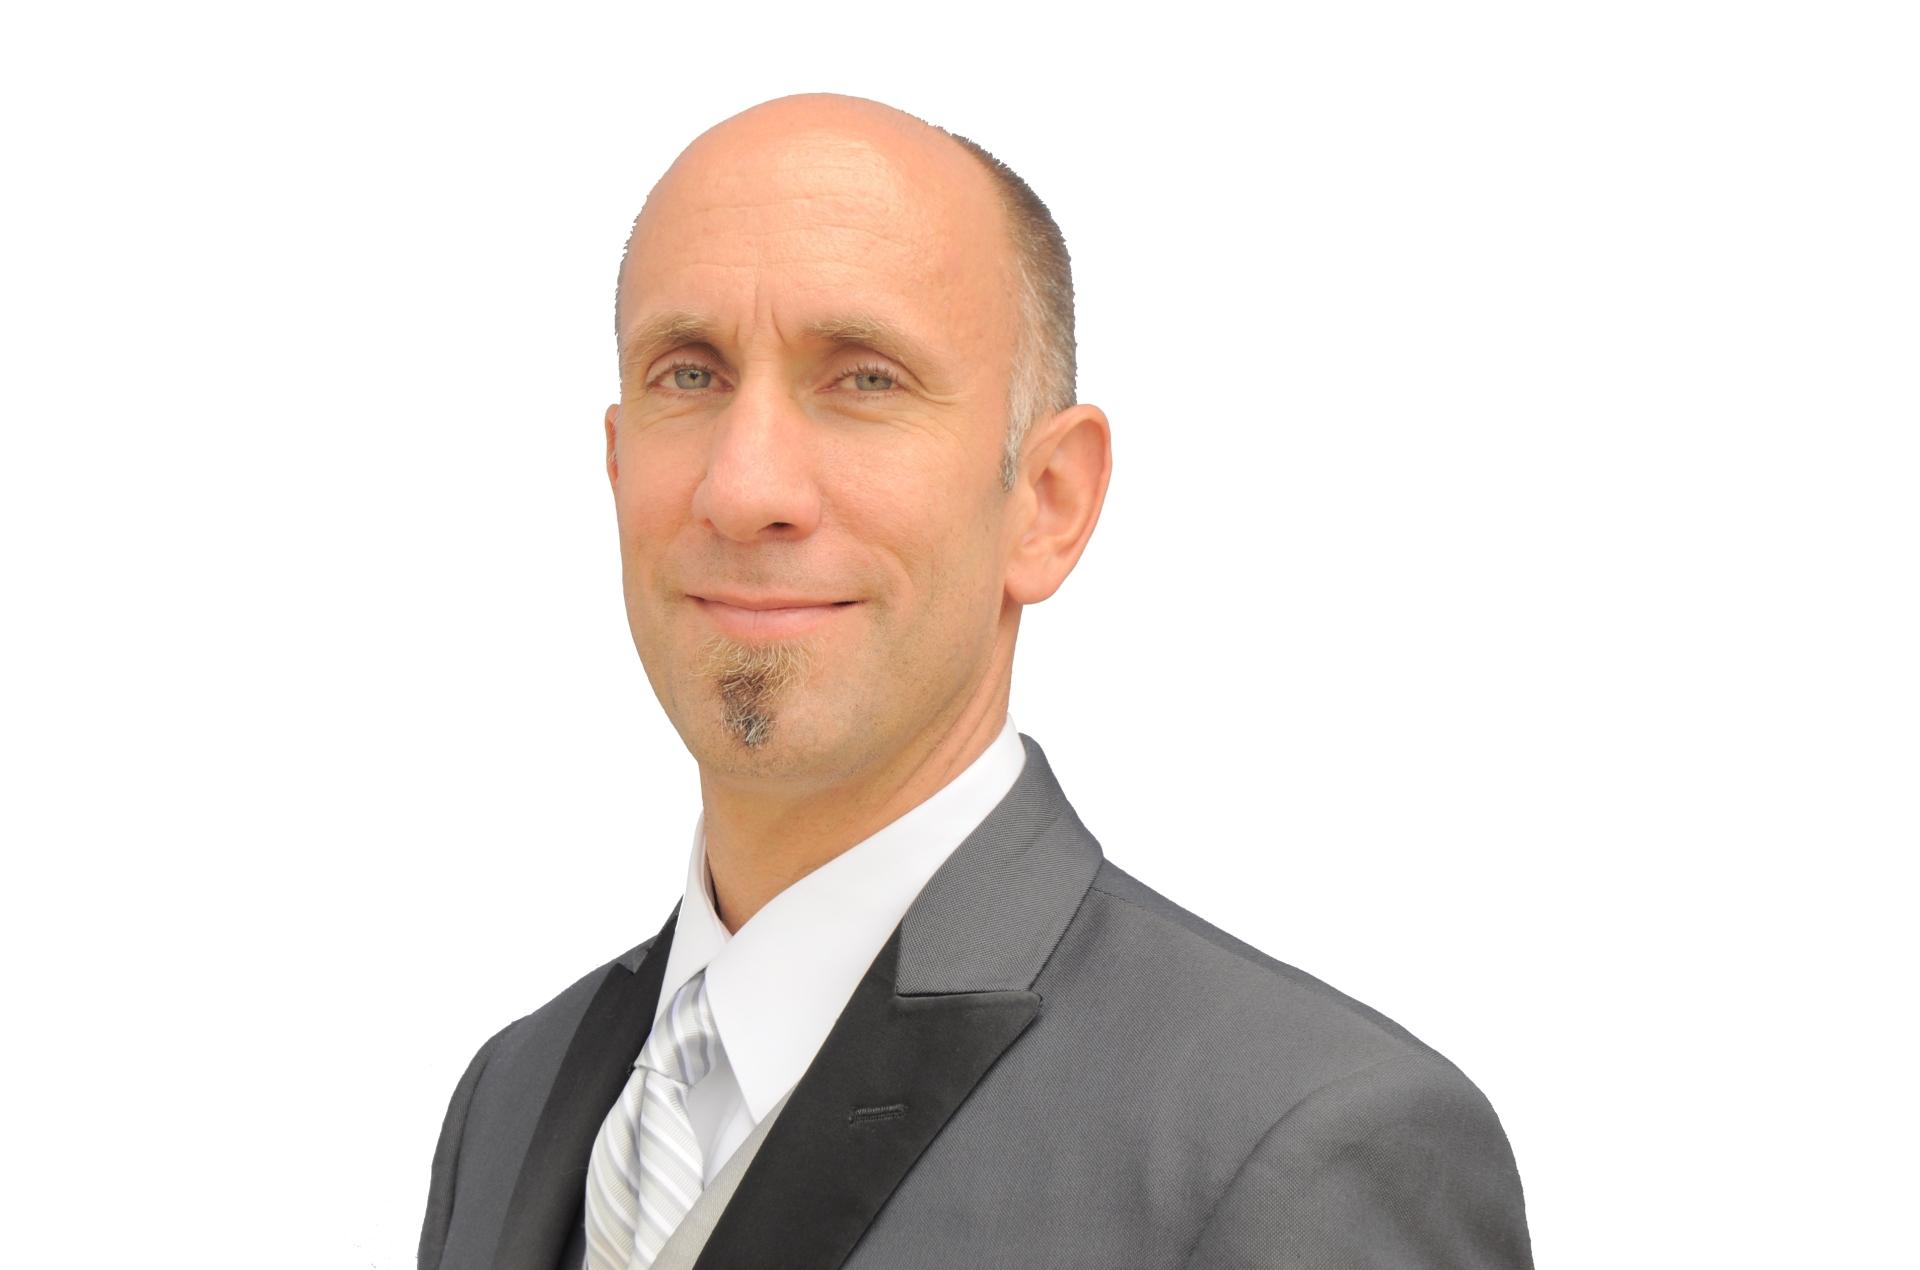 Immobilier Floride: Jean Deglon, Courtier Immobilier en Floride, assiste les acheteurs et investisseurs dans les comtés de Broward et Dade, à Fort Lauderdale et Miami